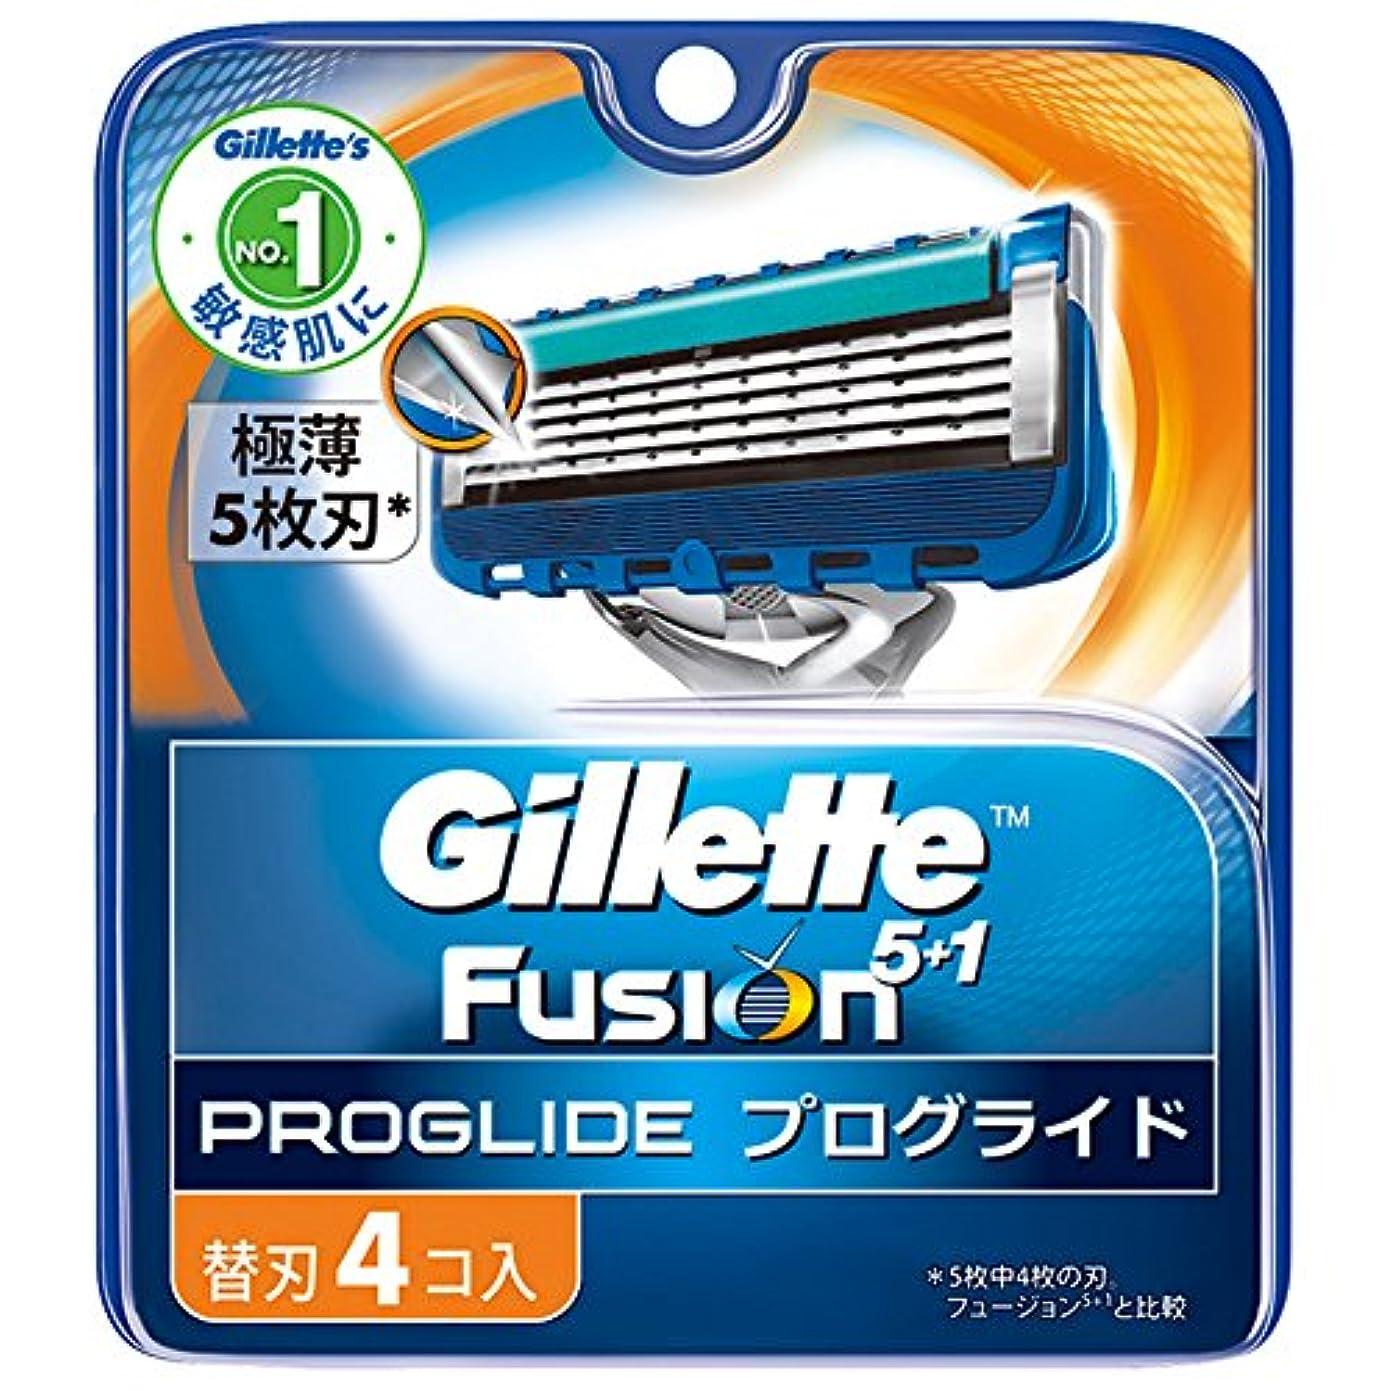 全体にプラグスナックジレット 髭剃り プログライド フレックスボール マニュアル 替刃4個入